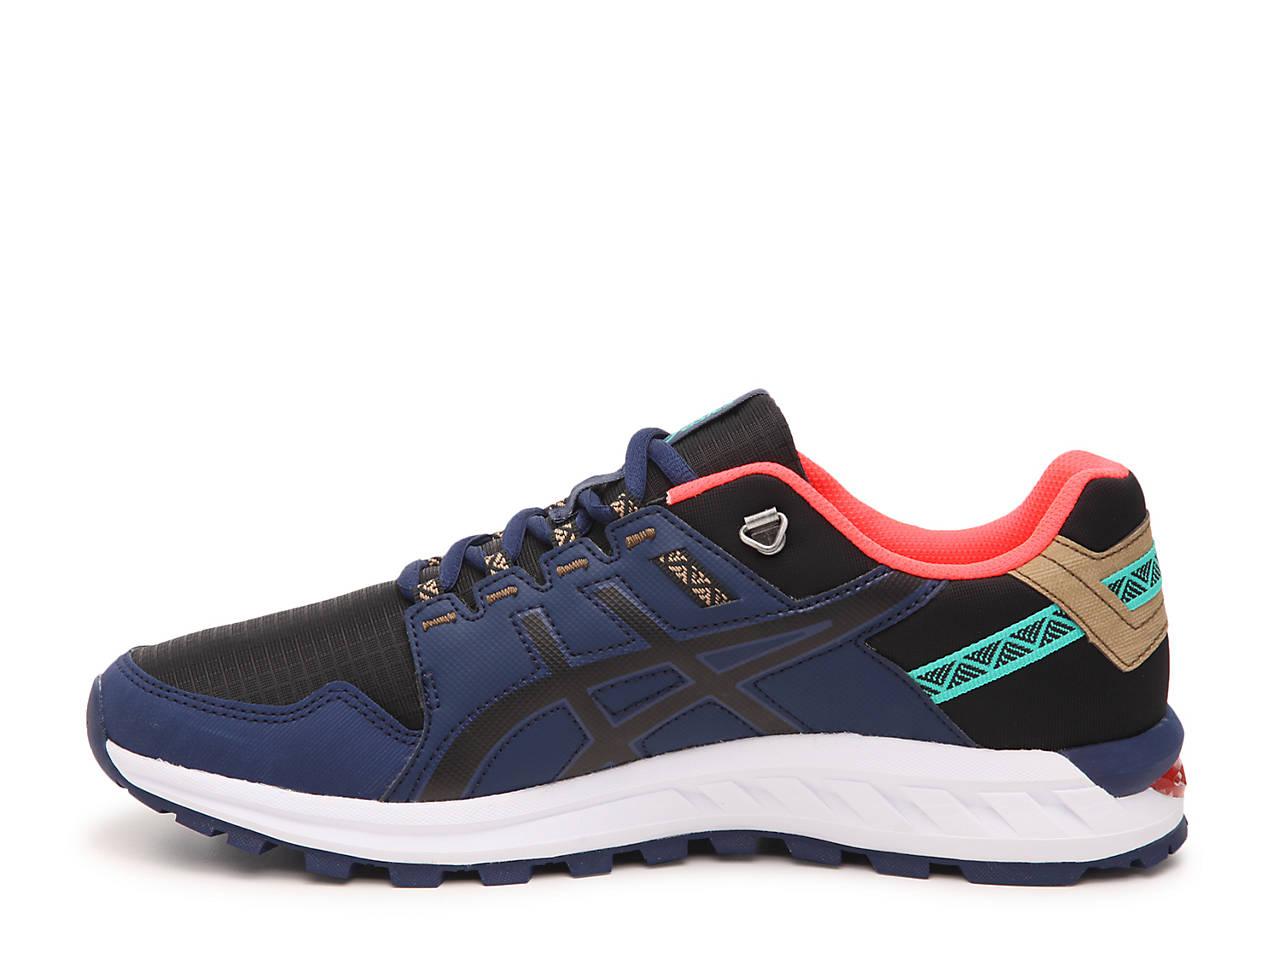 ASICS GEL Citrek Running Shoe Men's Men's Shoes DSW  DSW